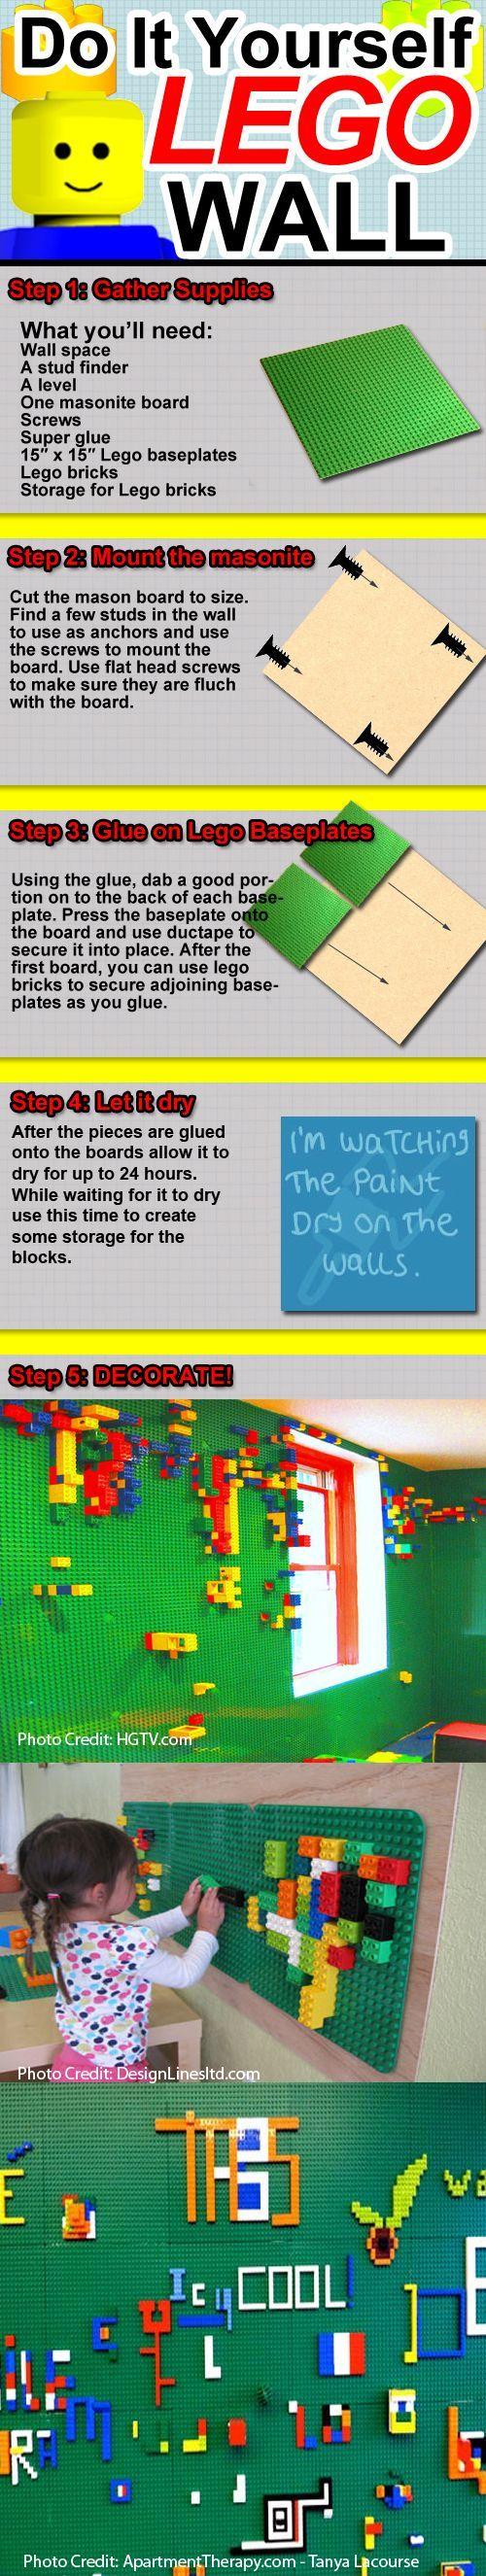 Lego Wall!